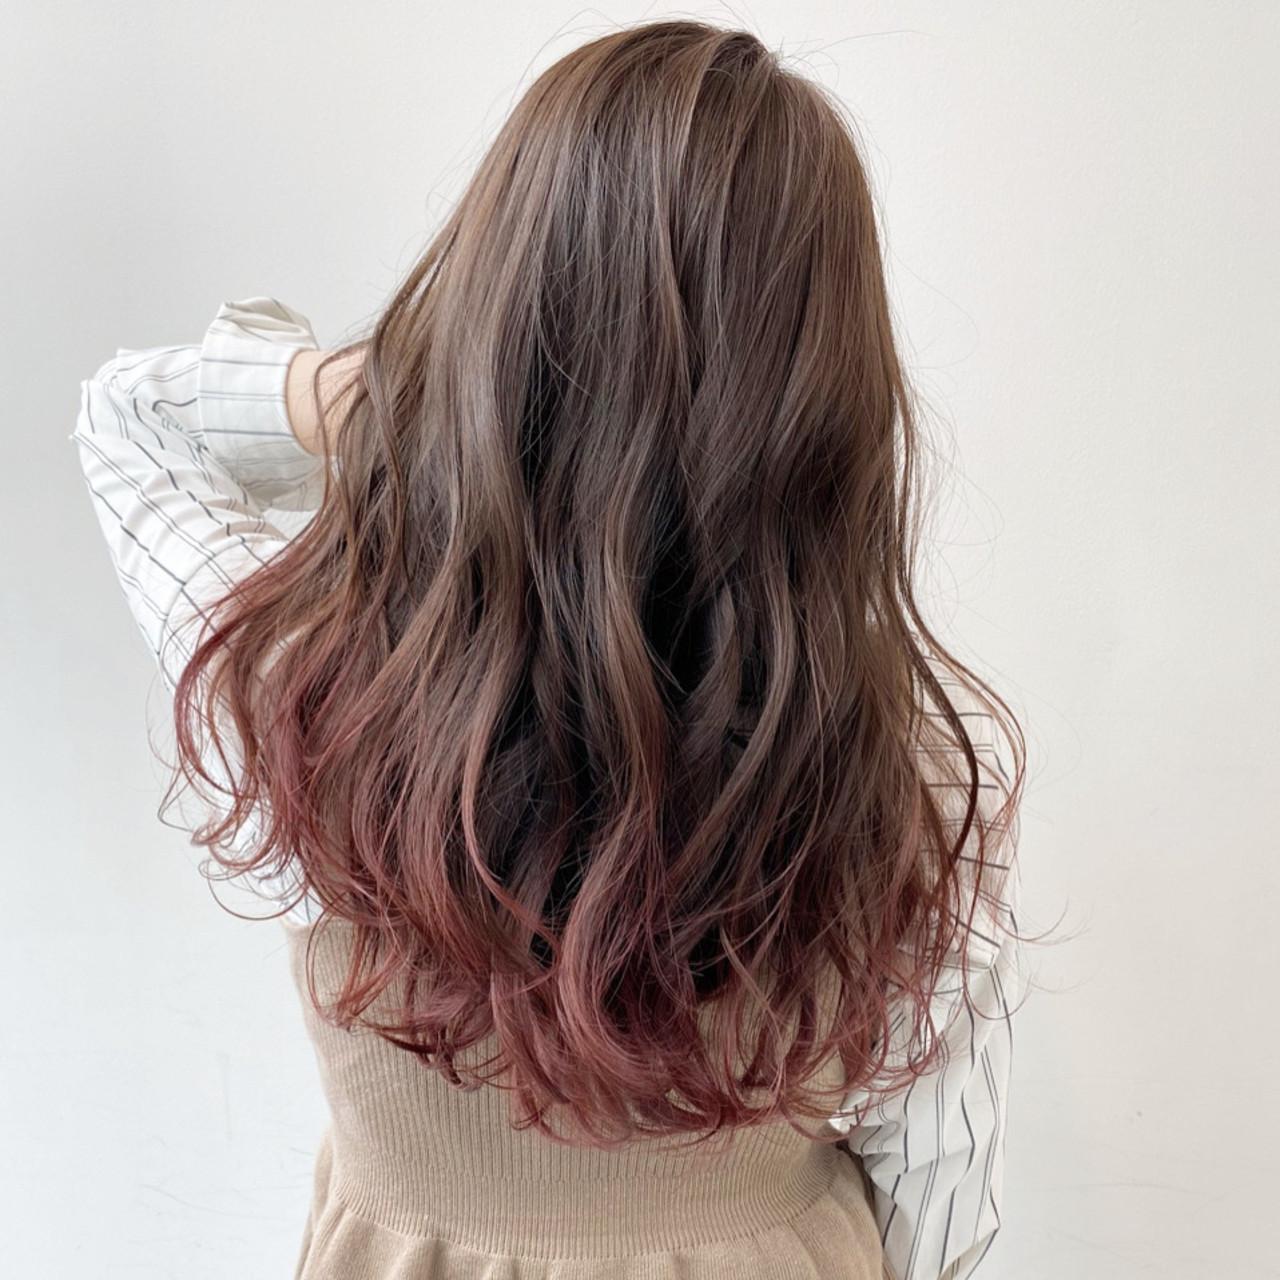 グラデーションカラー ピンクブラウン エレガント ピンクラベンダー ヘアスタイルや髪型の写真・画像